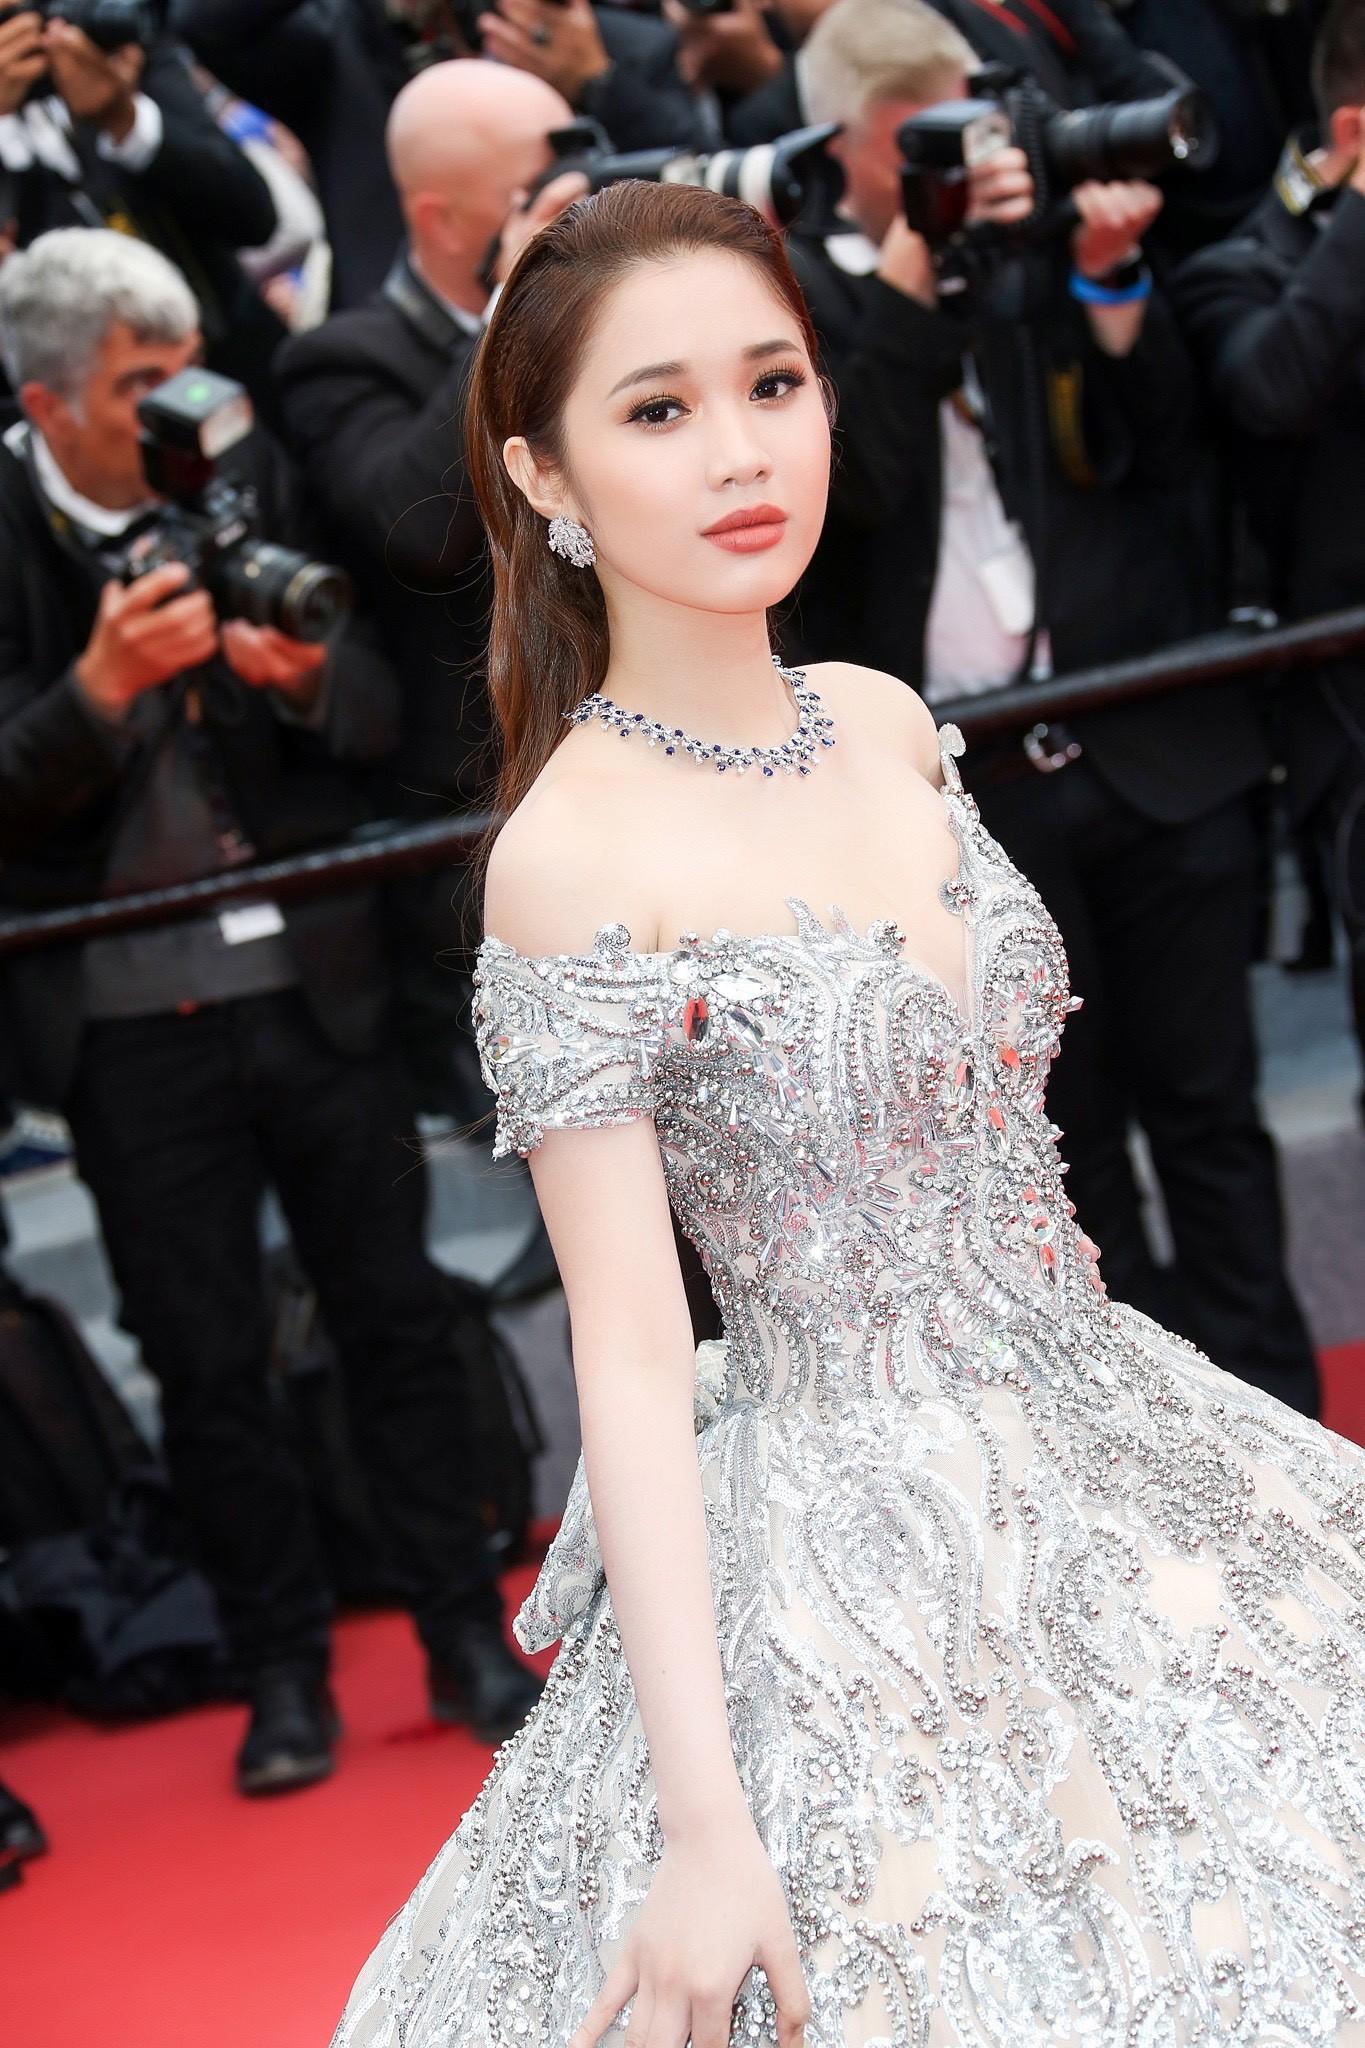 Lần đầu đến Cannes, bản sao Ngọc Trinh xuất hiện lộng lẫy trên thảm đỏ với trang sức tiền tỷ - Ảnh 2.